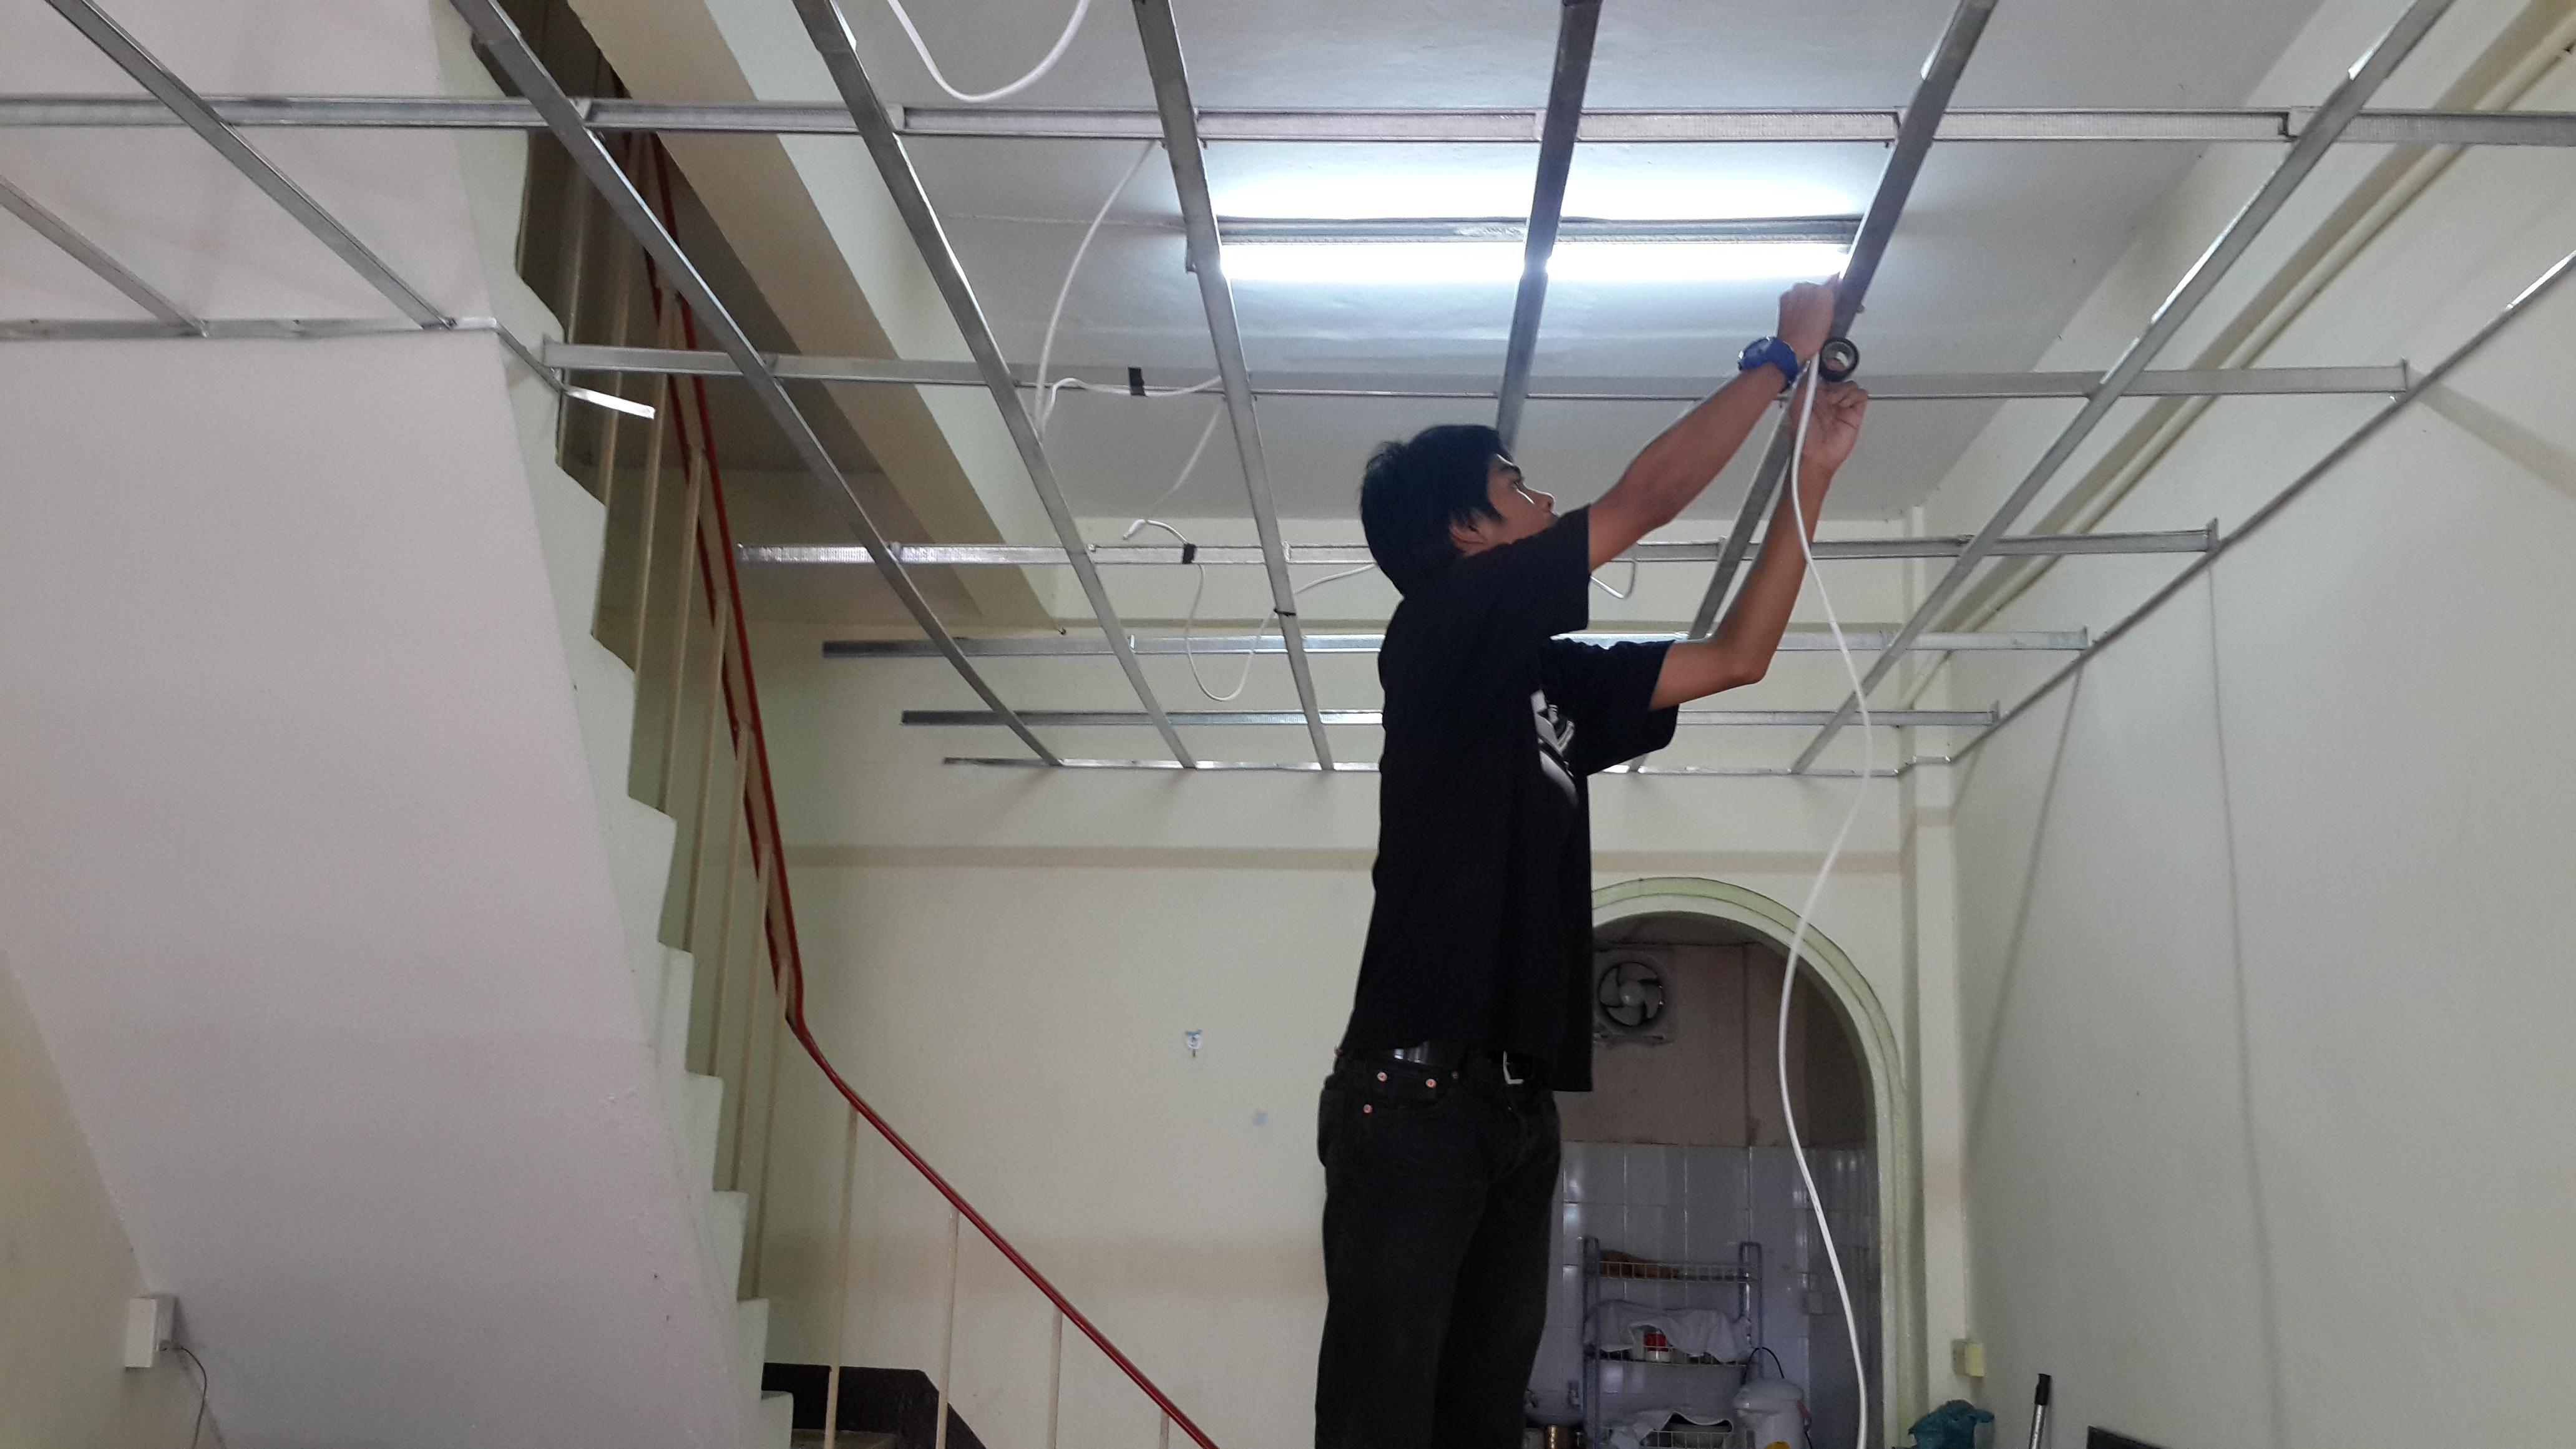 งานเดินไฟฟ้า ในอาคาร